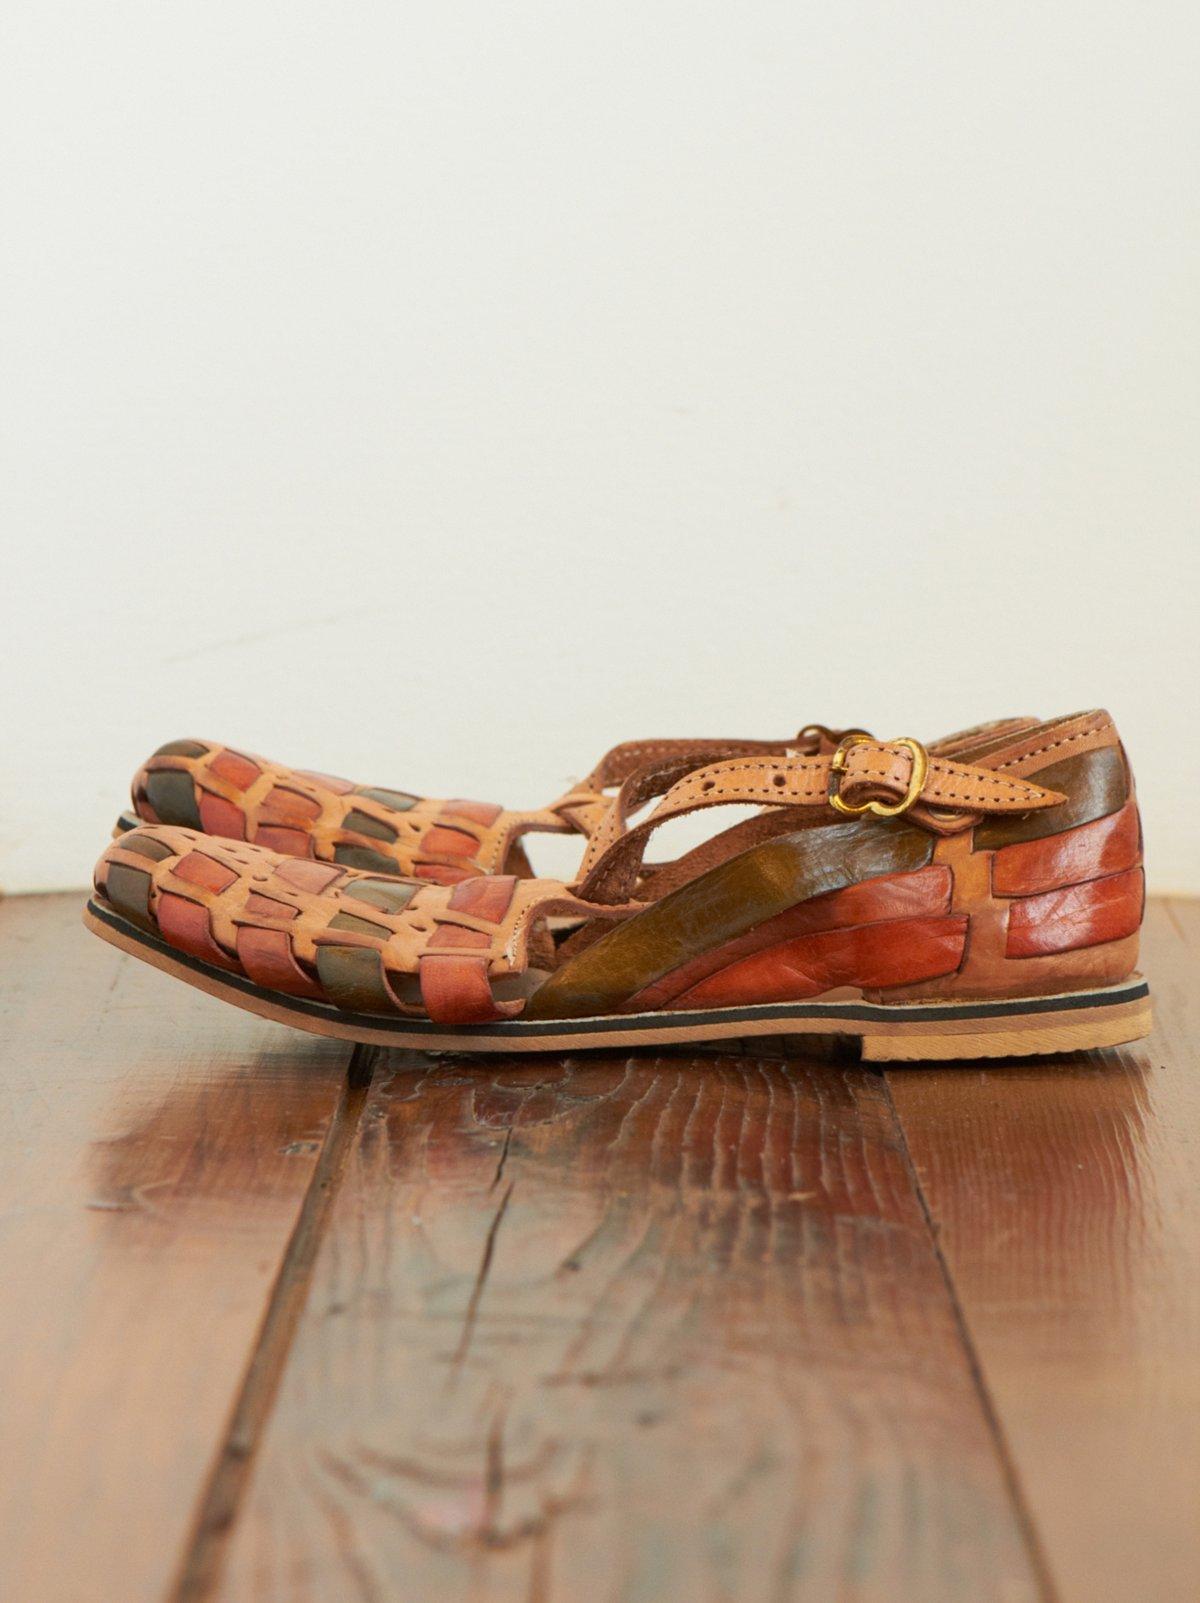 Vintage Huarache Sandals